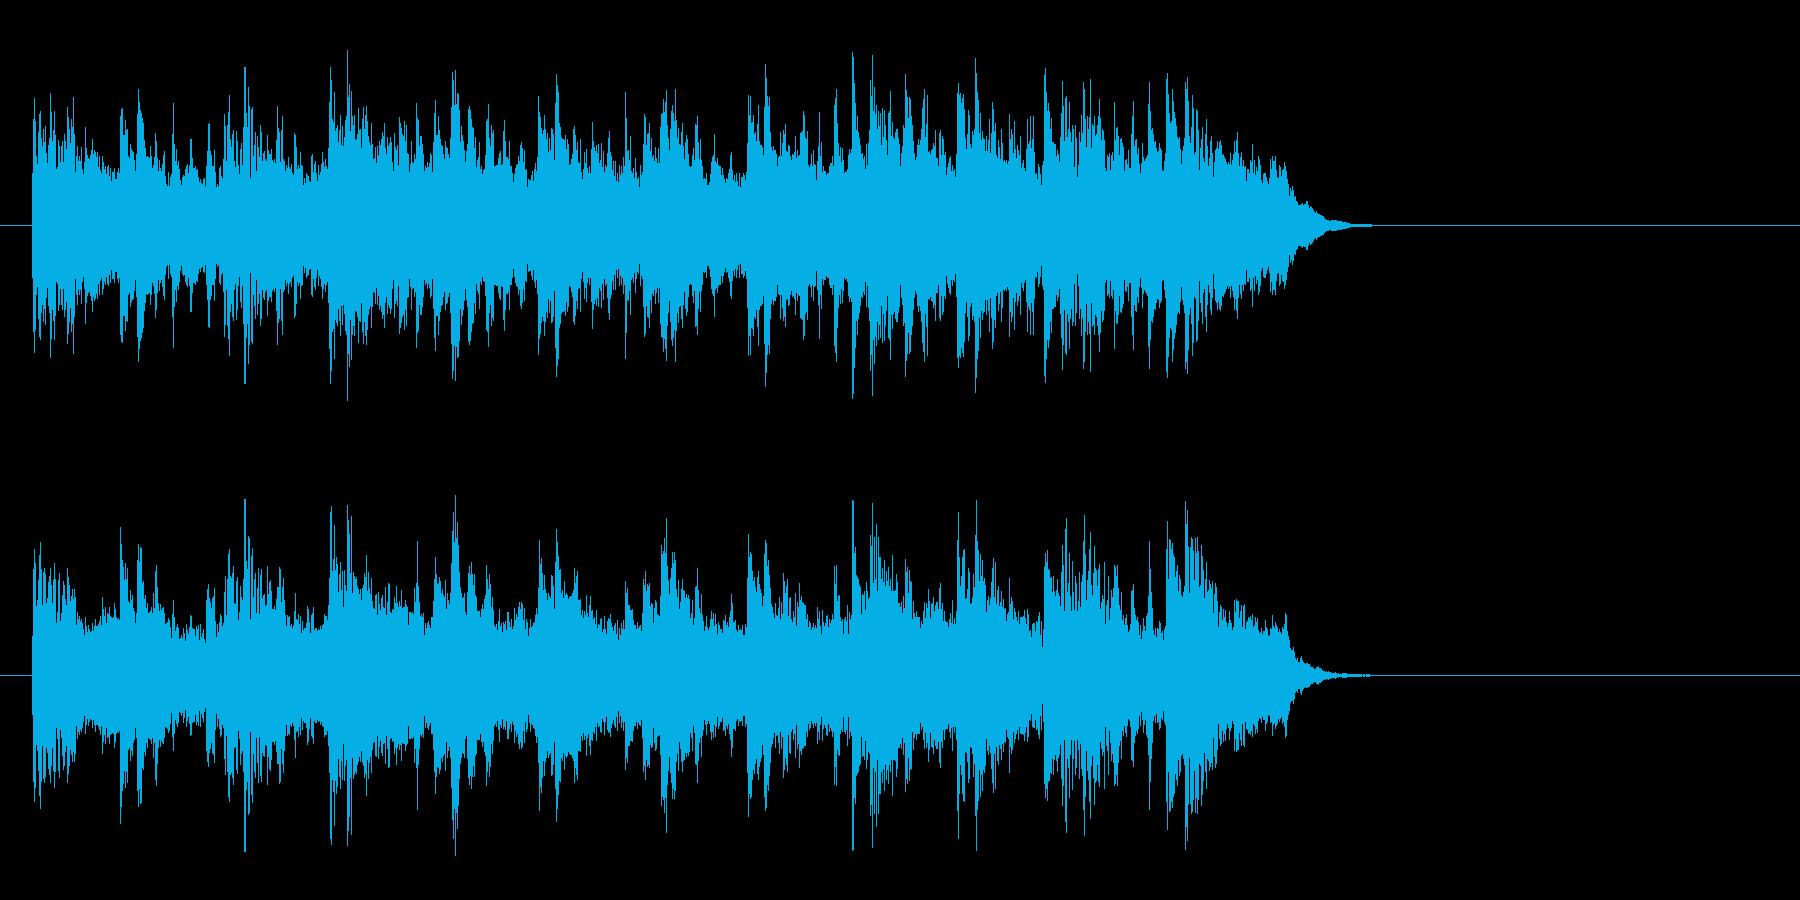 ブライダル風バラード(イントロ)の再生済みの波形